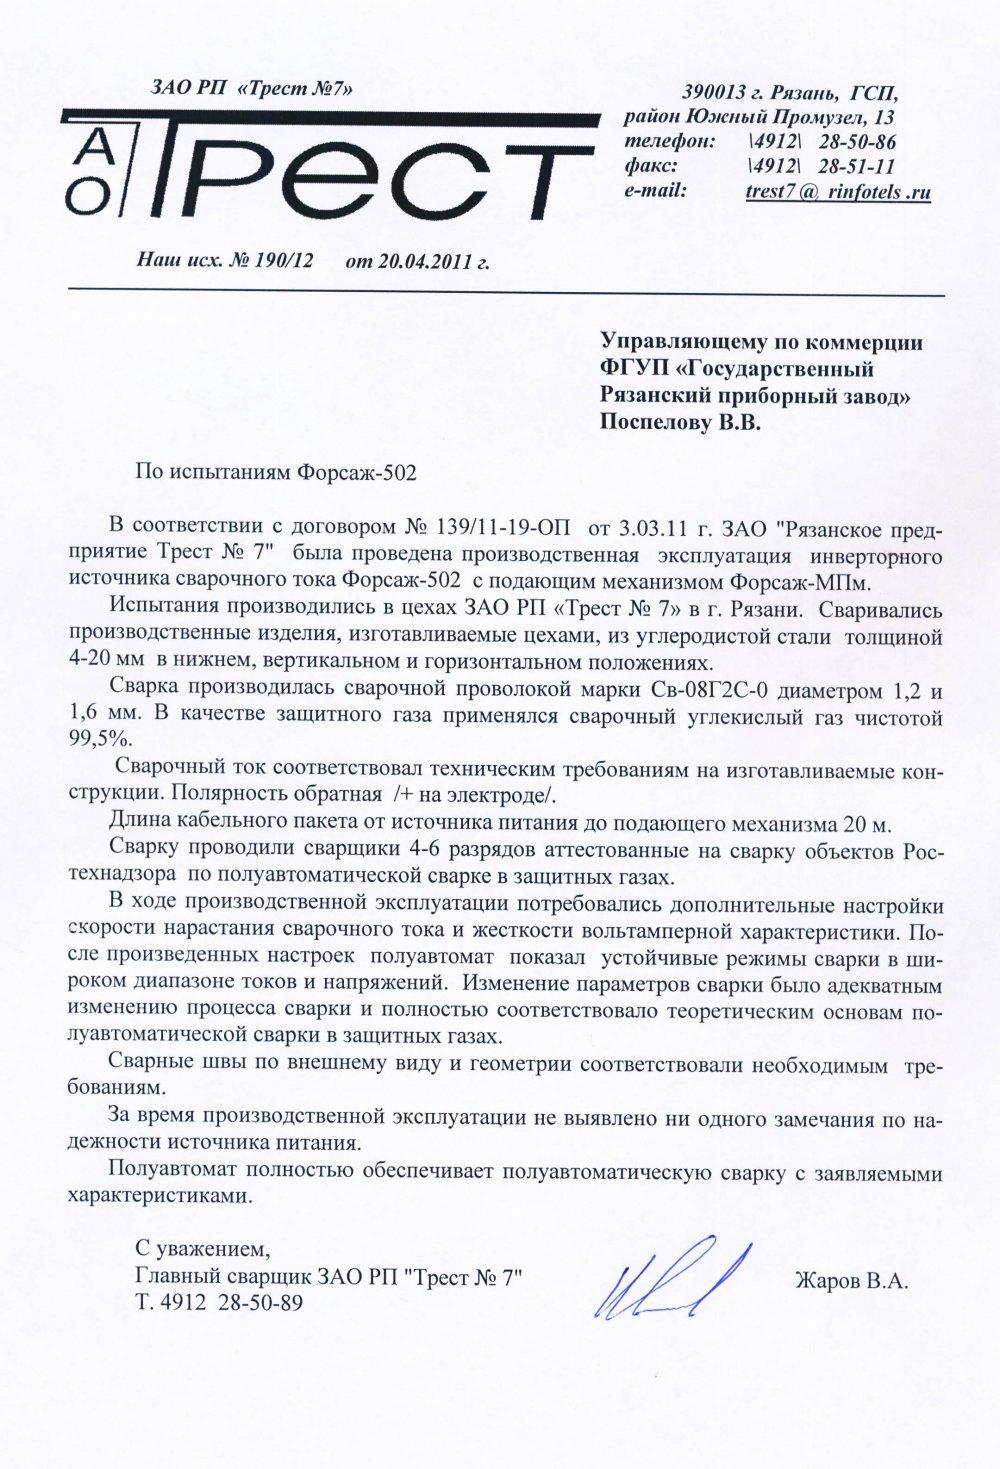 102 трест двинская ул 8: